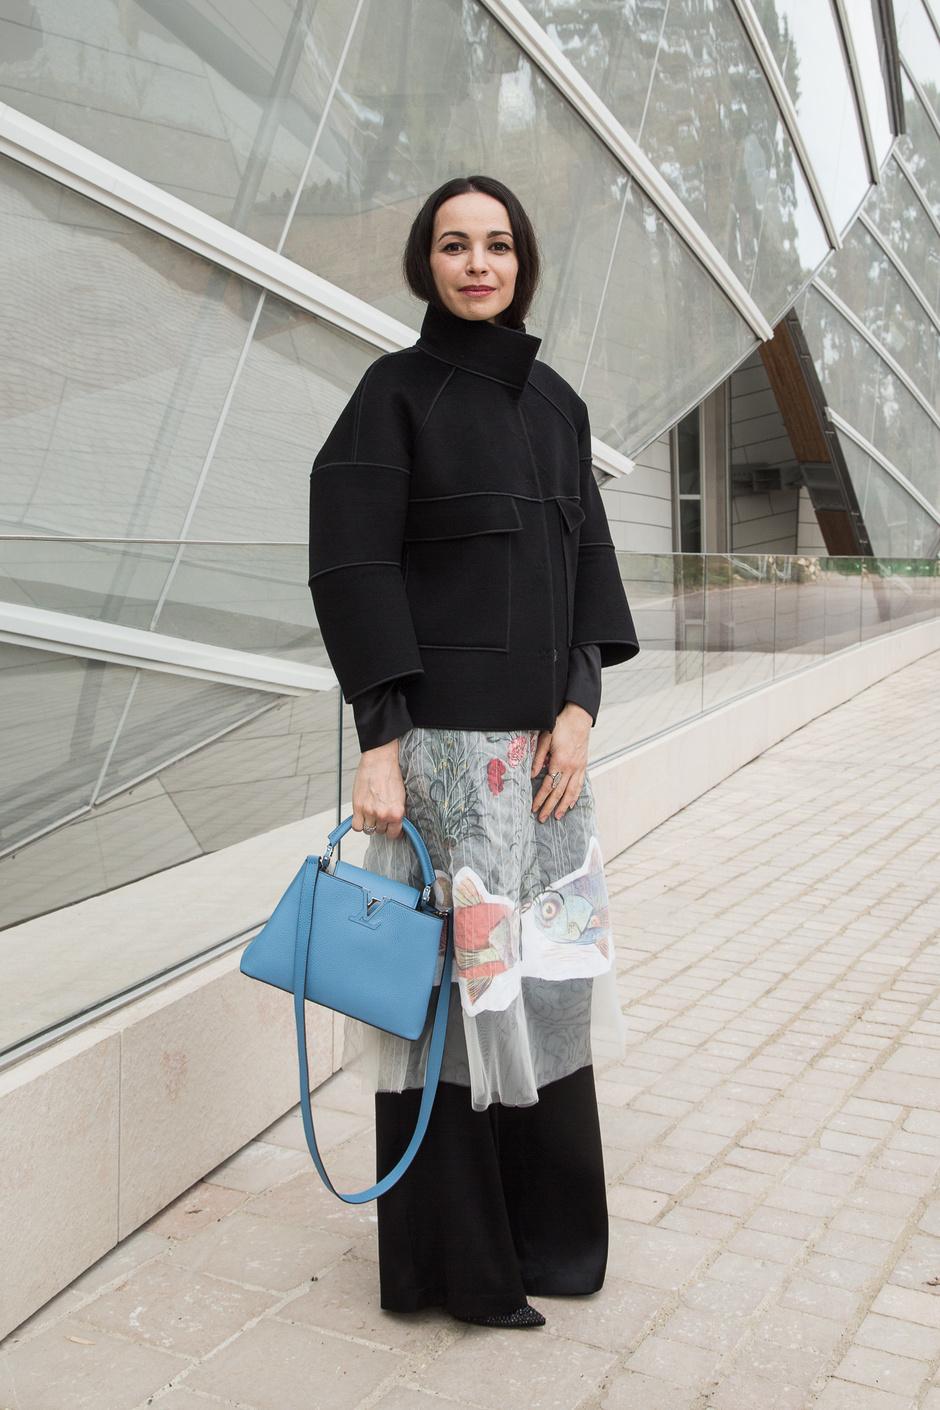 Диана Вишнева дополнила образ яркой сумкой Louis Vuitton